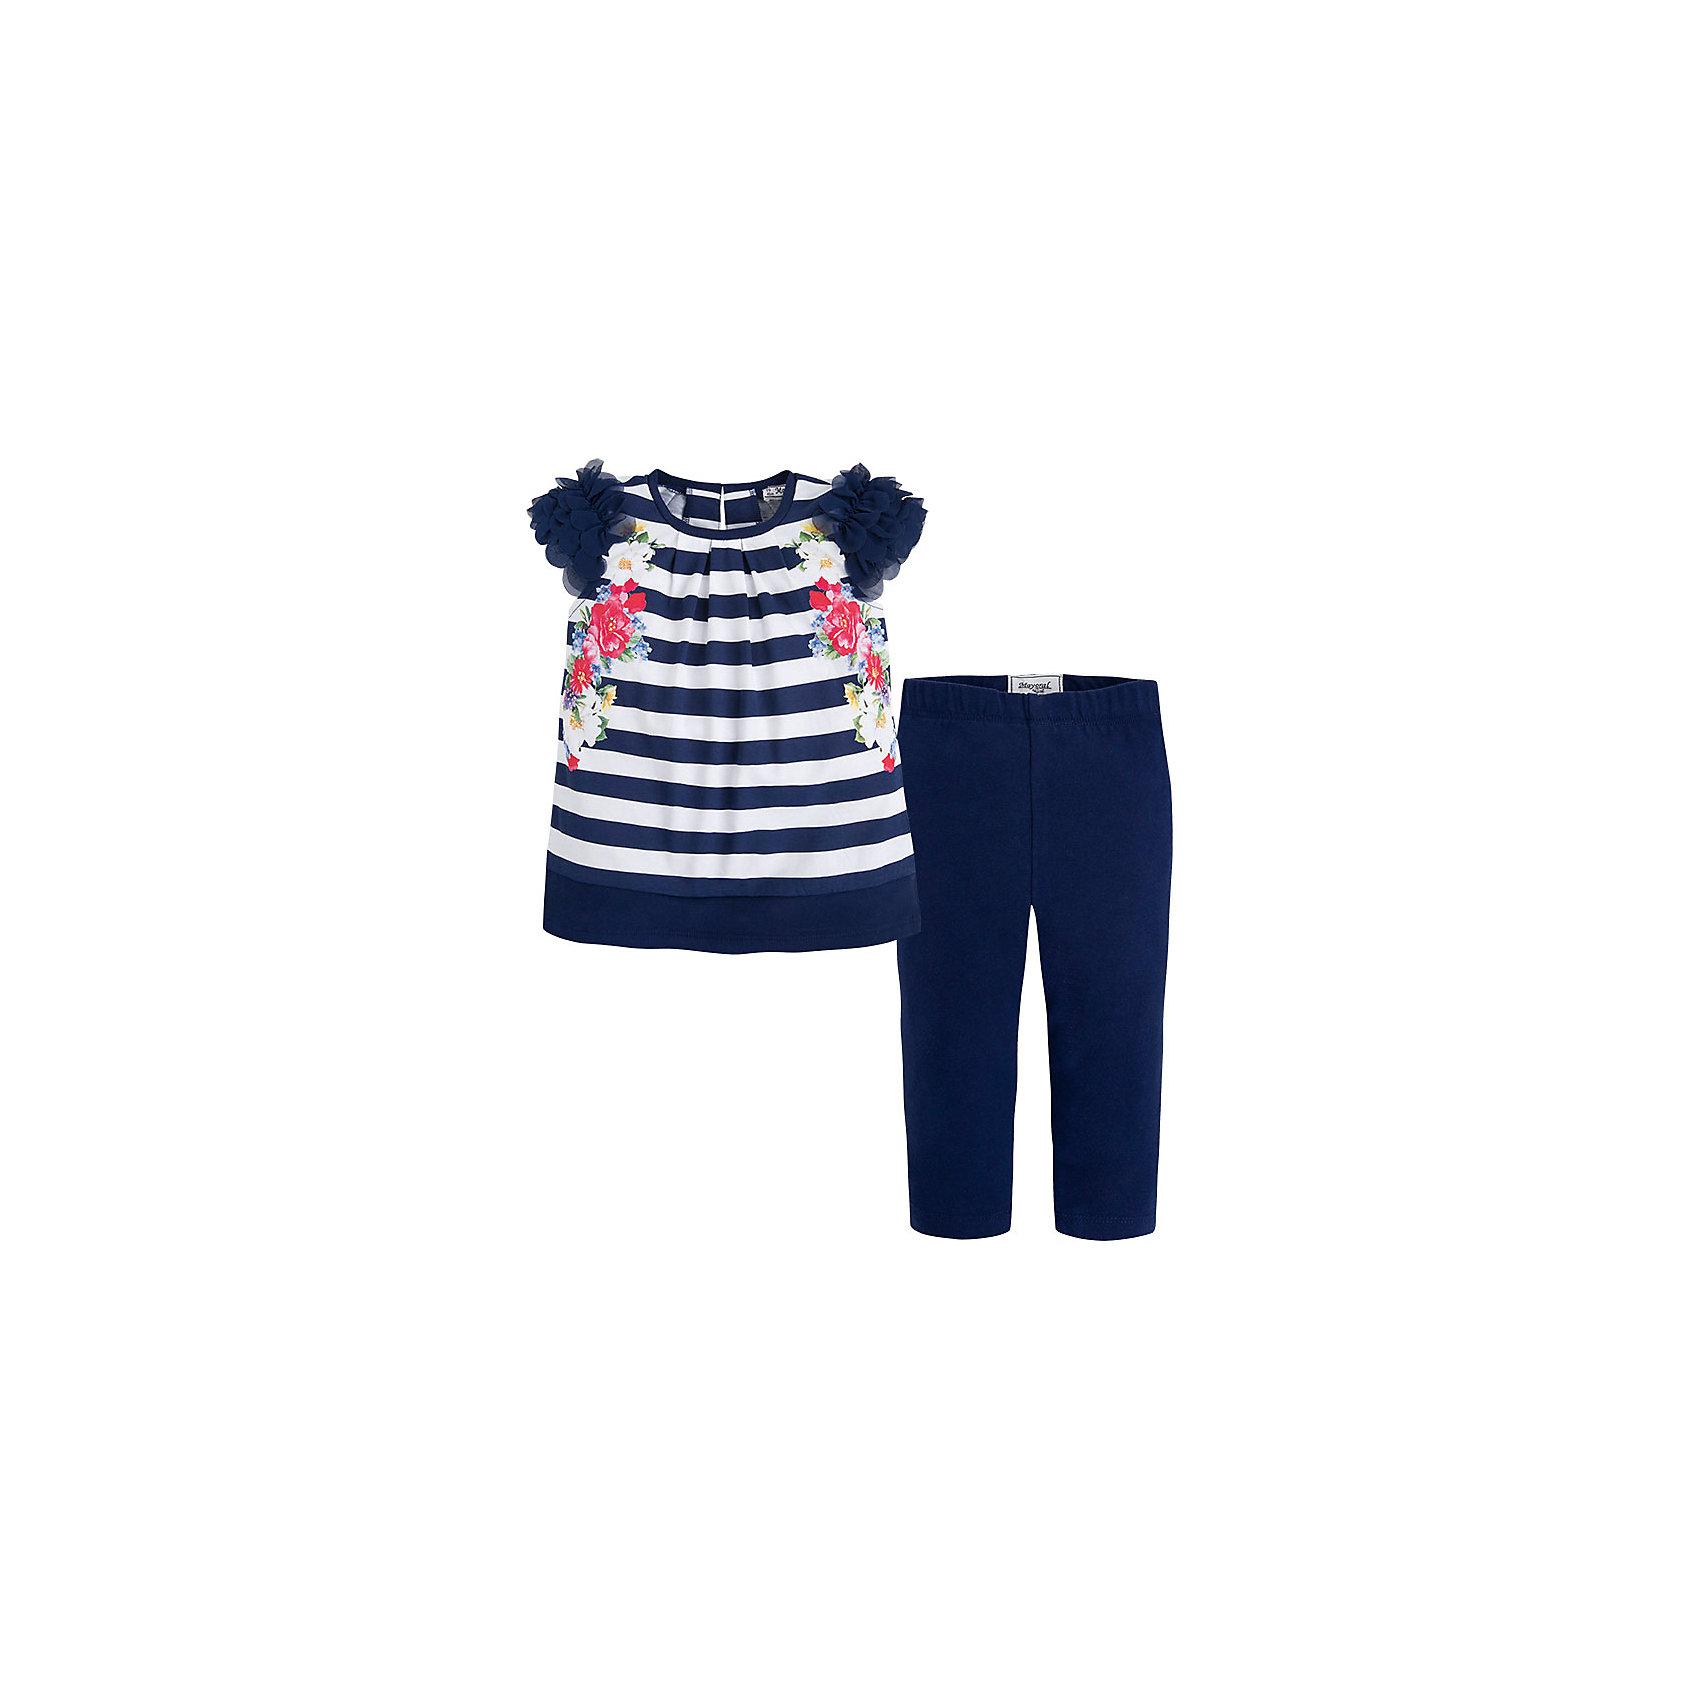 Комплект для девочки: футболка и леггинсы  MayoralКомплект: леггинсы и футболка для девочки от испанской марки Mayoral приведет в восторг юных модниц и займет достойное место в летнем гардеробе. <br><br>Дополнительная информация:<br><br>- Мягкая, приятная на ощупь ткань.<br>- Футболка прямого кроя.<br>- Застегивается на кнопку на спине.<br>- Округлый вырез горловины.<br>- Рукава декорированы нежными оборками из сетчатого материала. <br>- Футболка в полоску украшена цветочным принтом.<br>- Леггинсы на эластичном поясе на резинке.<br>- Состав: верх - 100% хлопок.<br><br>Комплект: леггинсы и футболка для девочки Mayoral (Майорал) можно купить в нашем магазине.<br><br>Ширина мм: 123<br>Глубина мм: 10<br>Высота мм: 149<br>Вес г: 209<br>Цвет: синий<br>Возраст от месяцев: 84<br>Возраст до месяцев: 96<br>Пол: Женский<br>Возраст: Детский<br>Размер: 128,116,134,122,104,110,98<br>SKU: 4543851